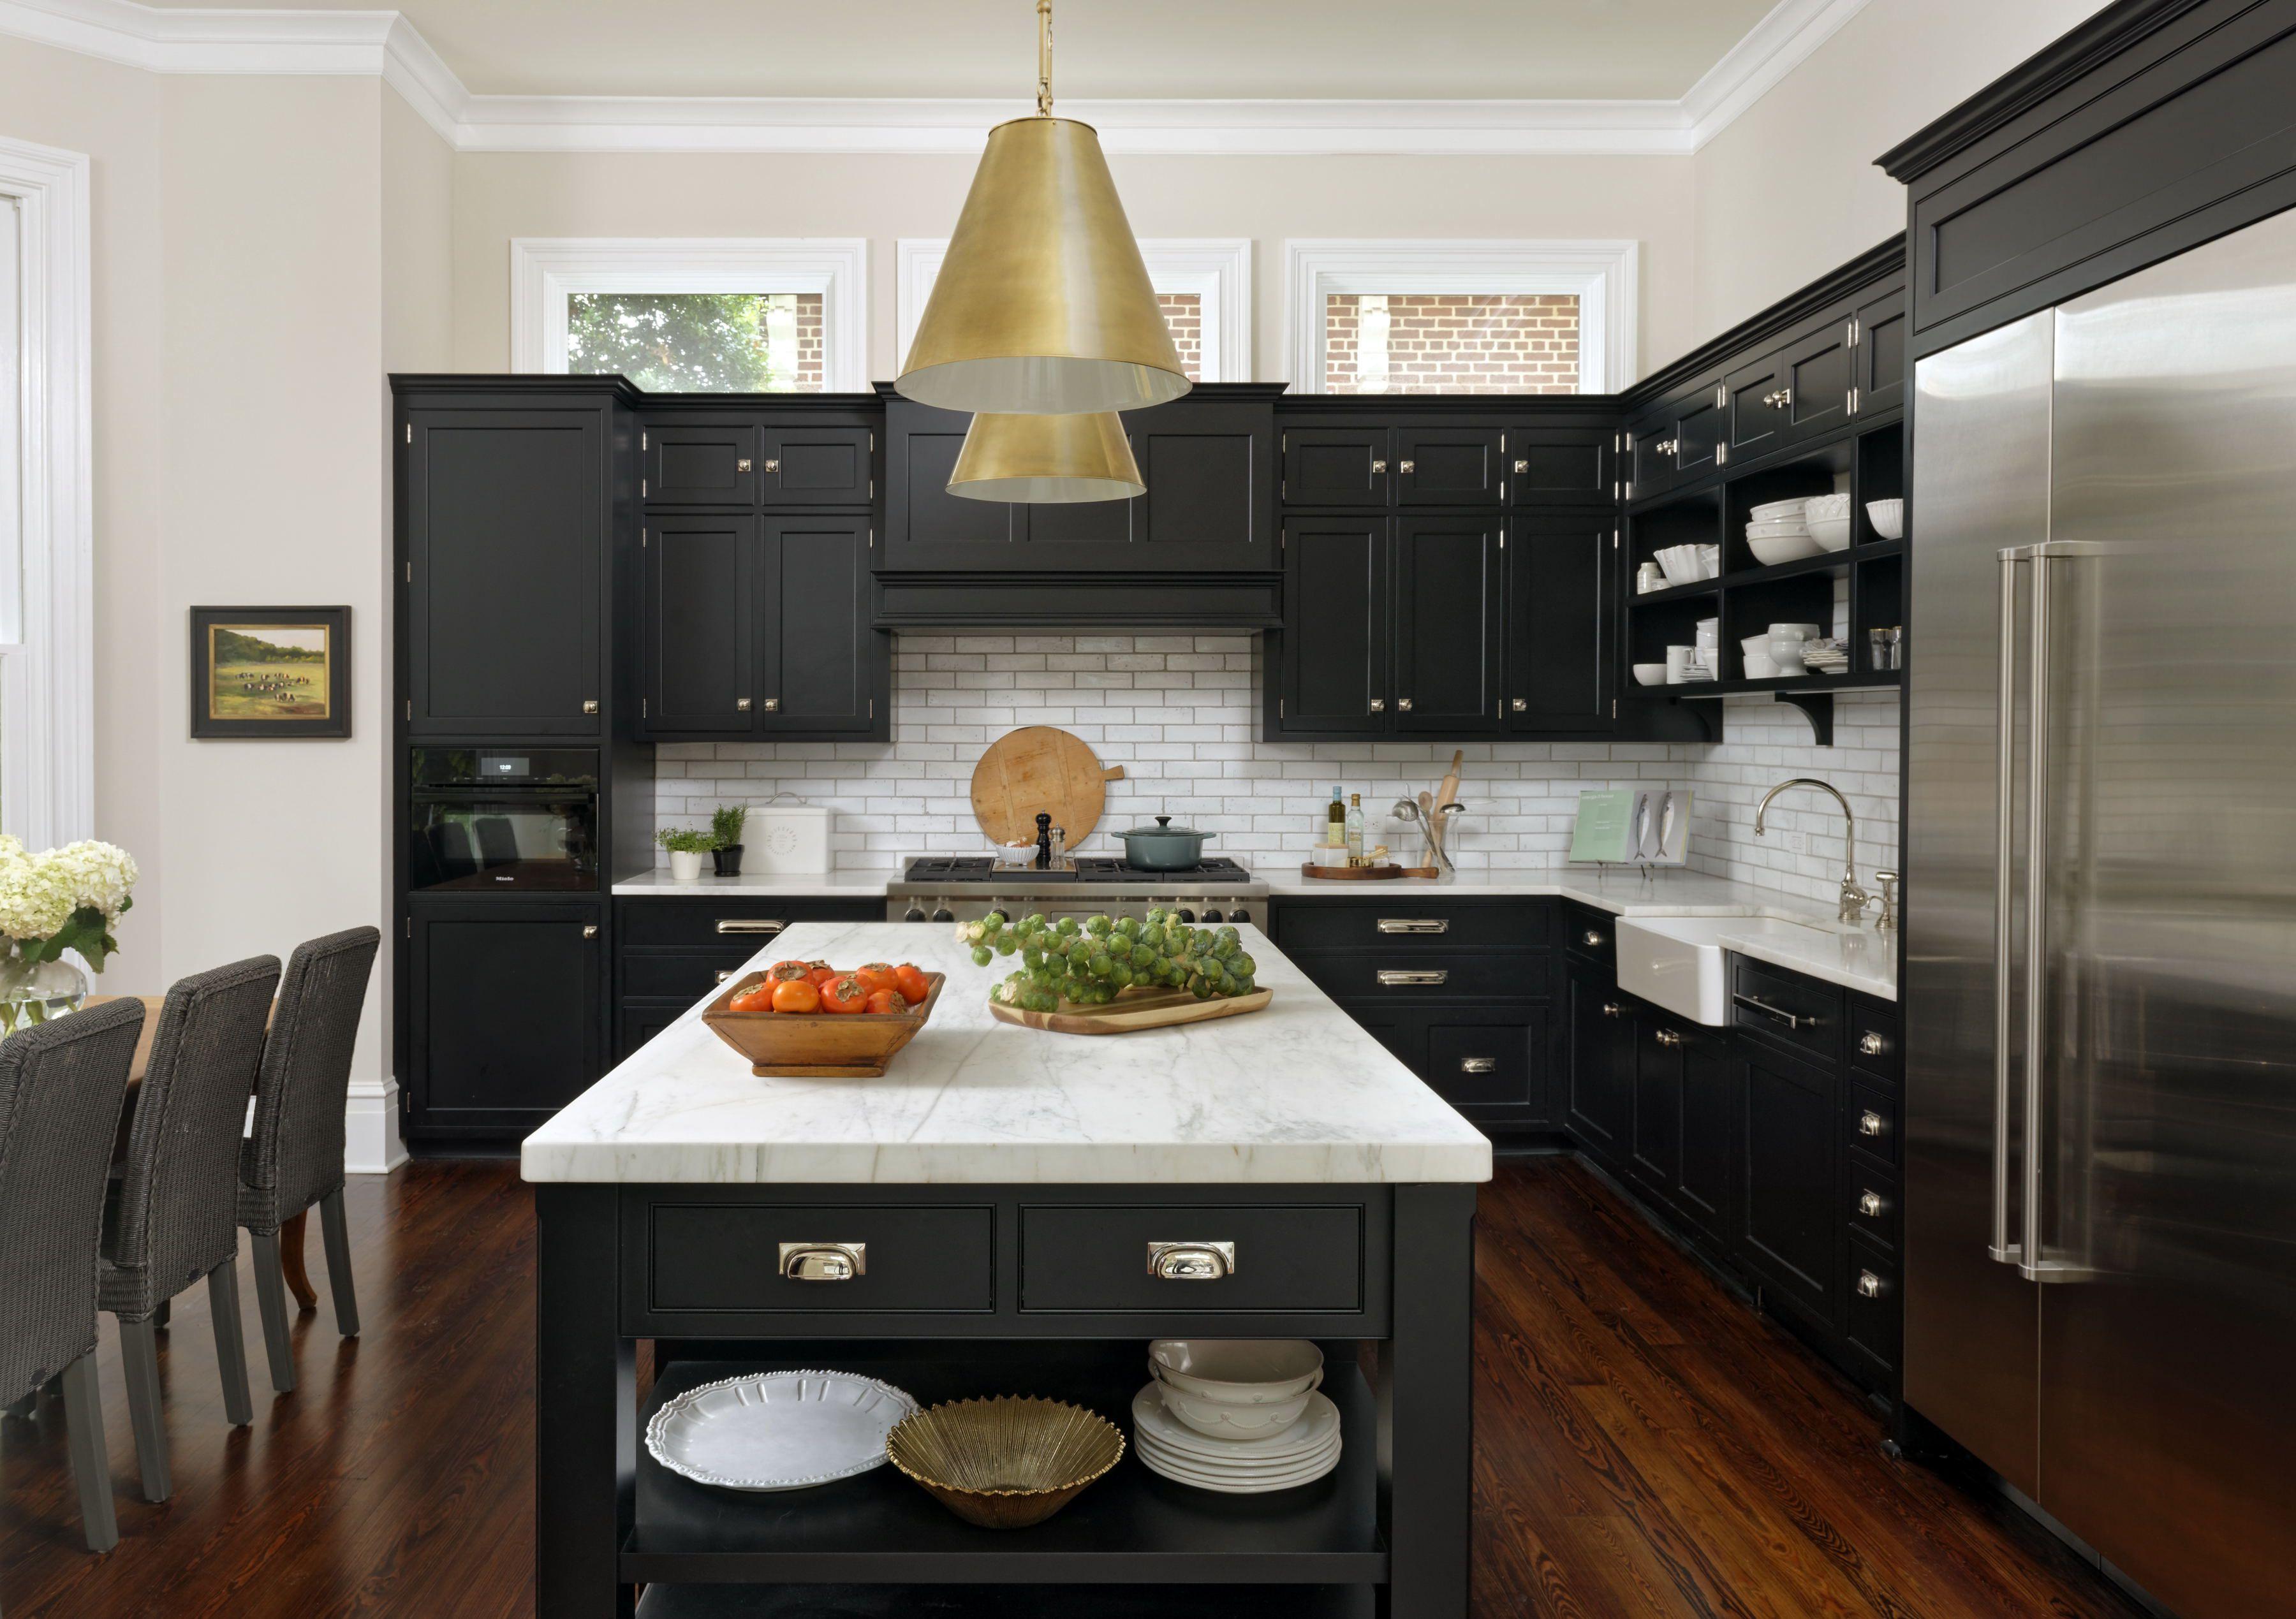 Cocina clásica negra con azulejos blancos, isla de encimera de mármol blanco y electrodomésticos de acero inoxidable y herrajes plateados y dorados